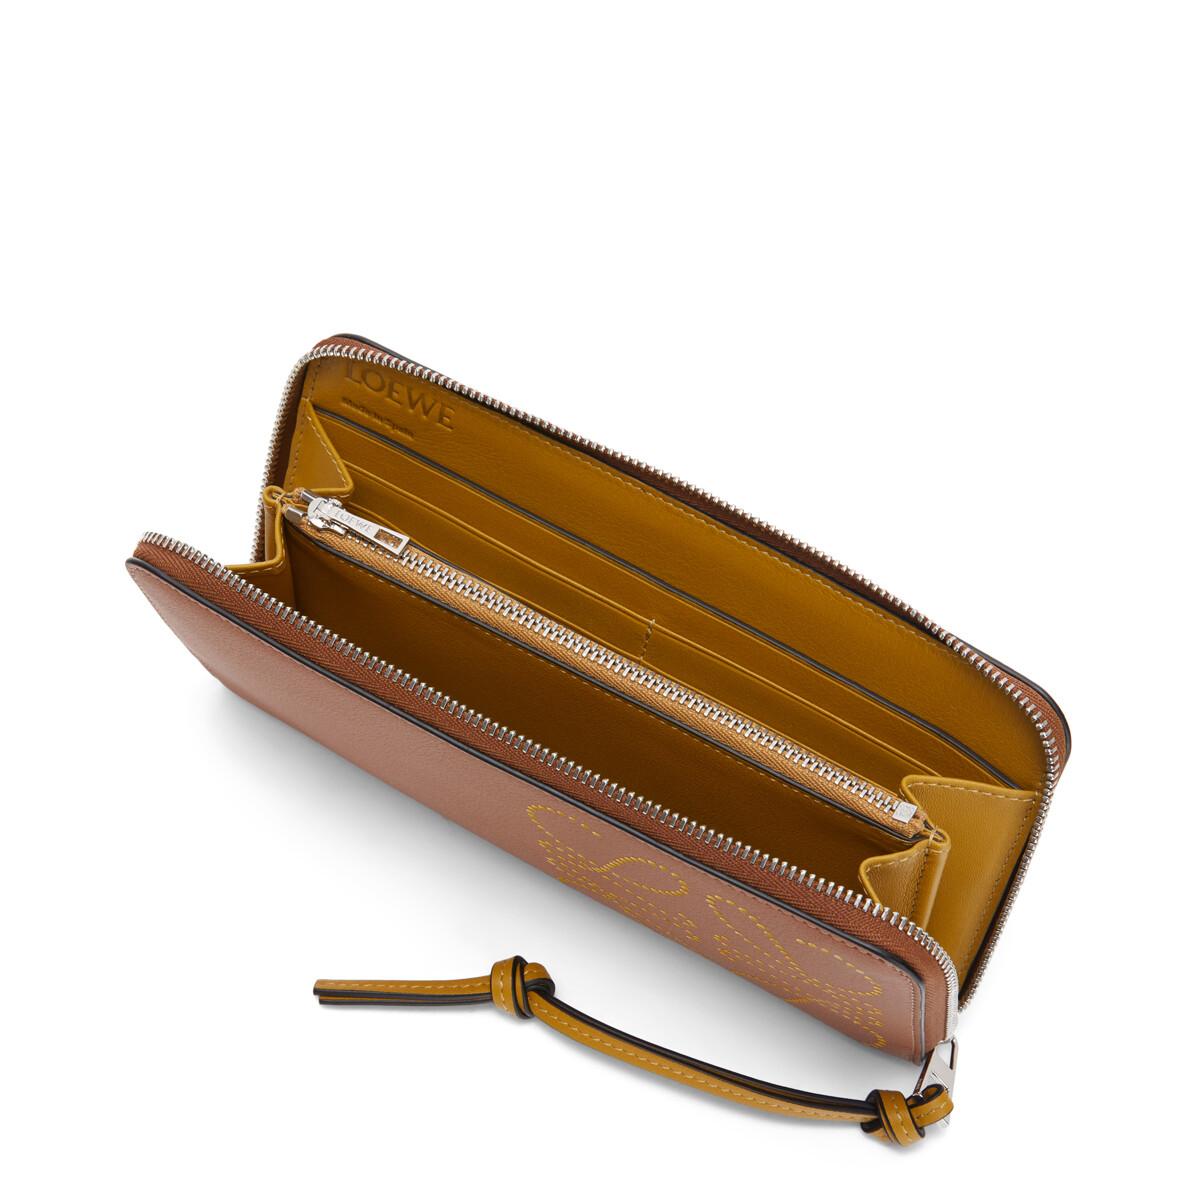 LOEWE Zip Around Wallet Brand Bronceado/Ocre front